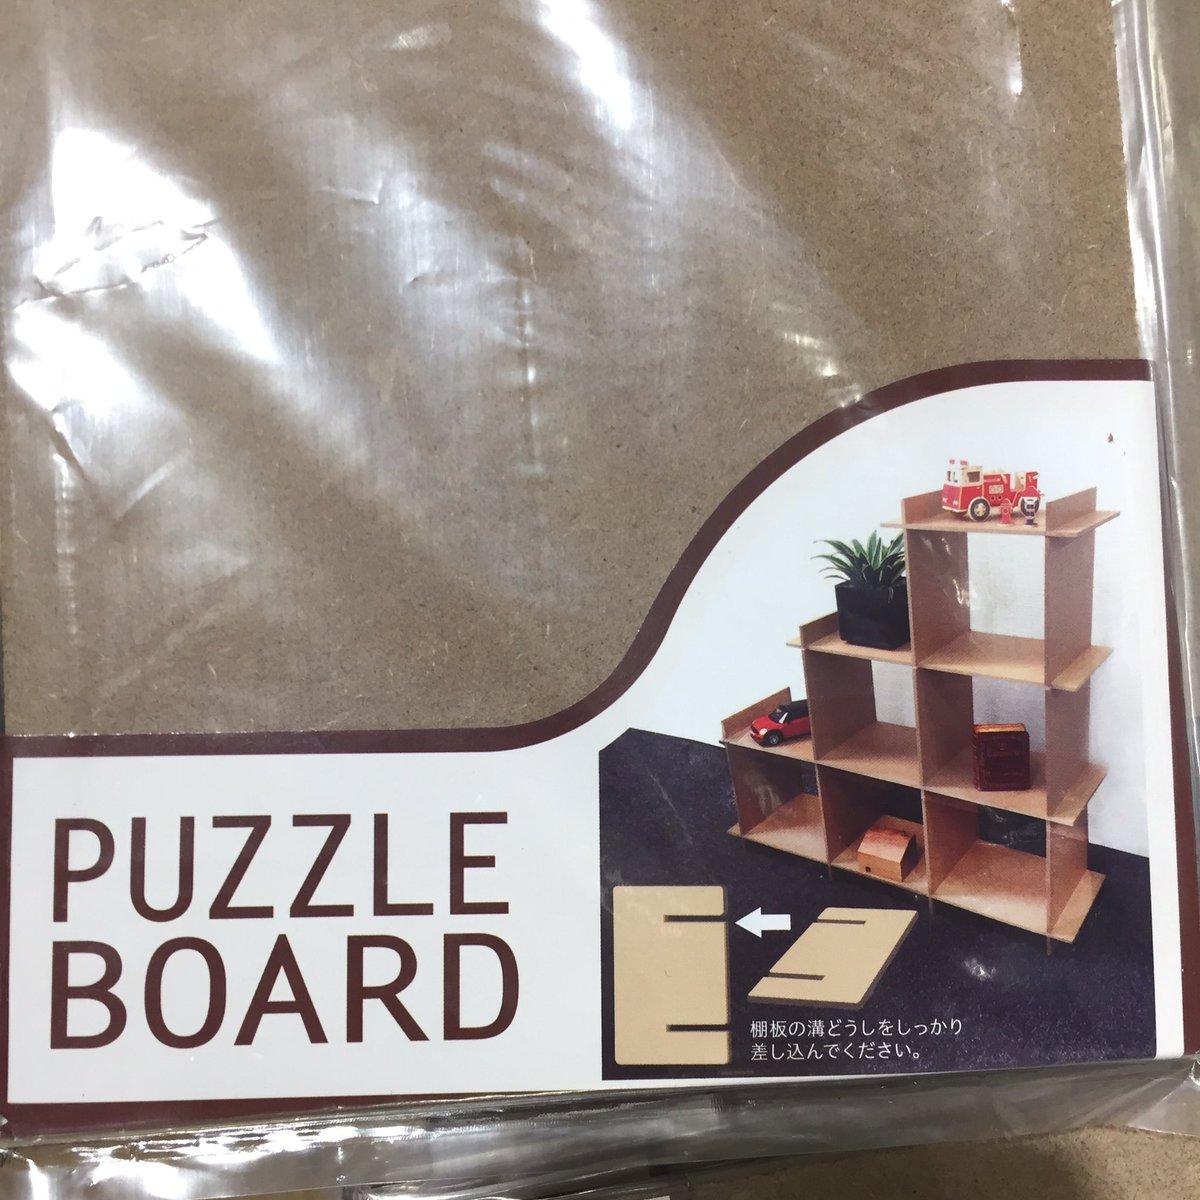 test ツイッターメディア - #セリア にて #デザフェス のために開発されたような棚を発見!! テーブルに置くのにちょうどいいサイズ。軽いしペタンコになるし運びやすそう。#puzzleboard https://t.co/BJBb4xCDHT